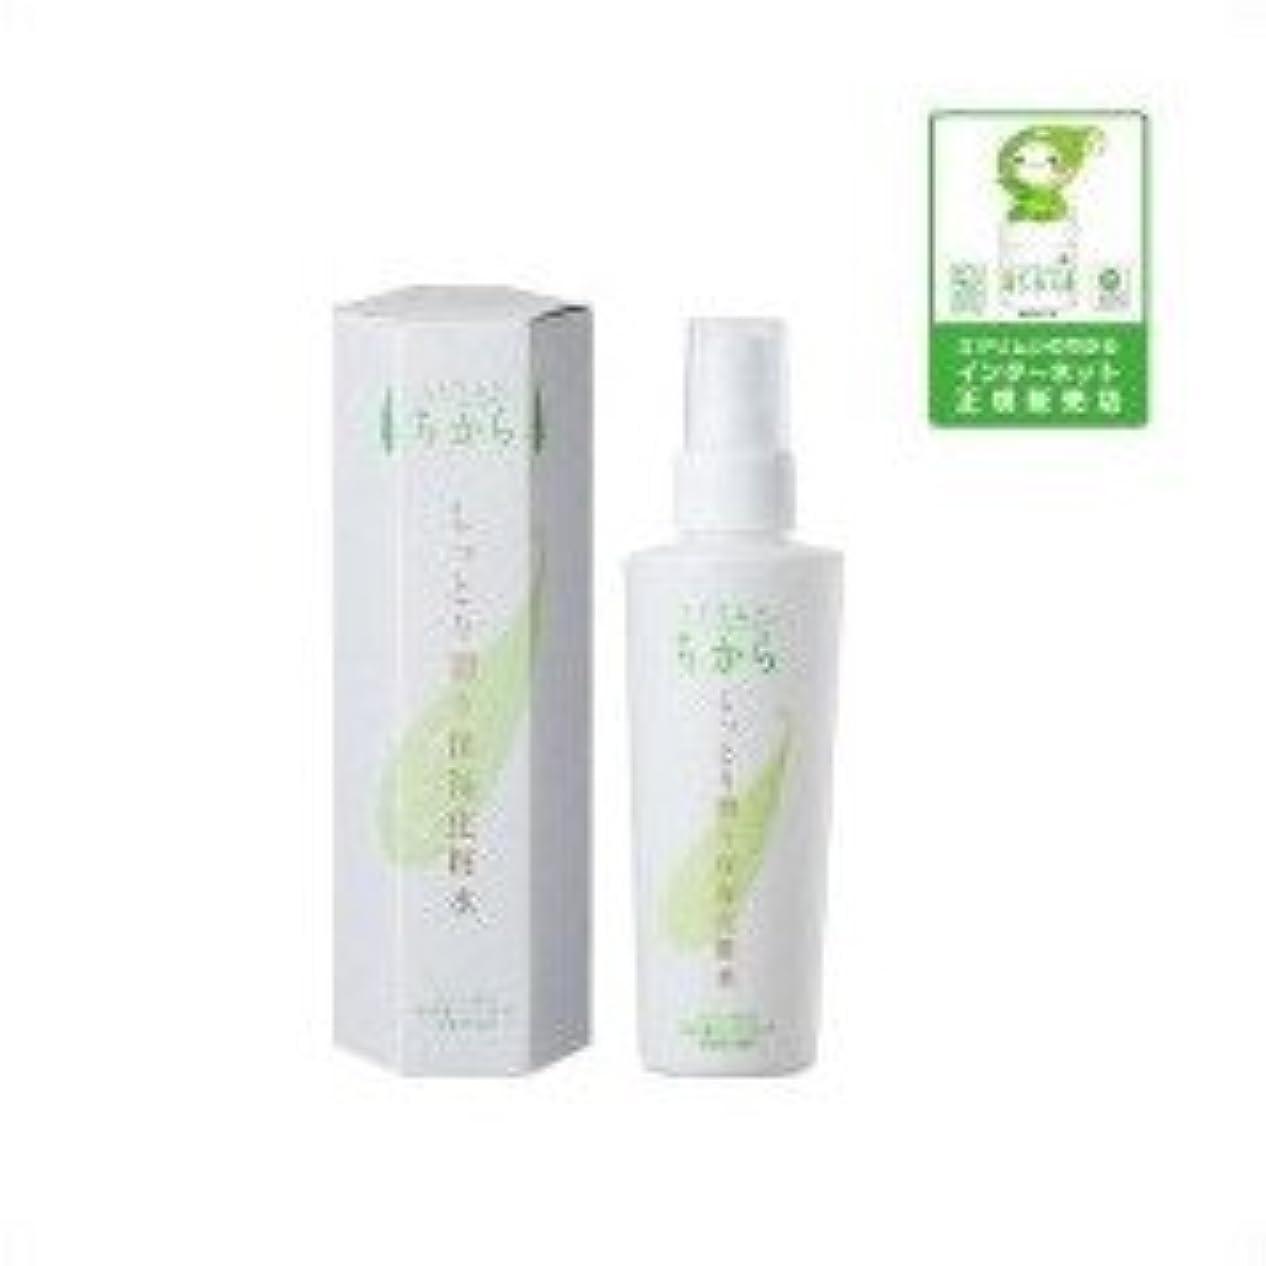 ユーグレナ ミドリムシのちから しっとり潤う保湿化粧水 150ml